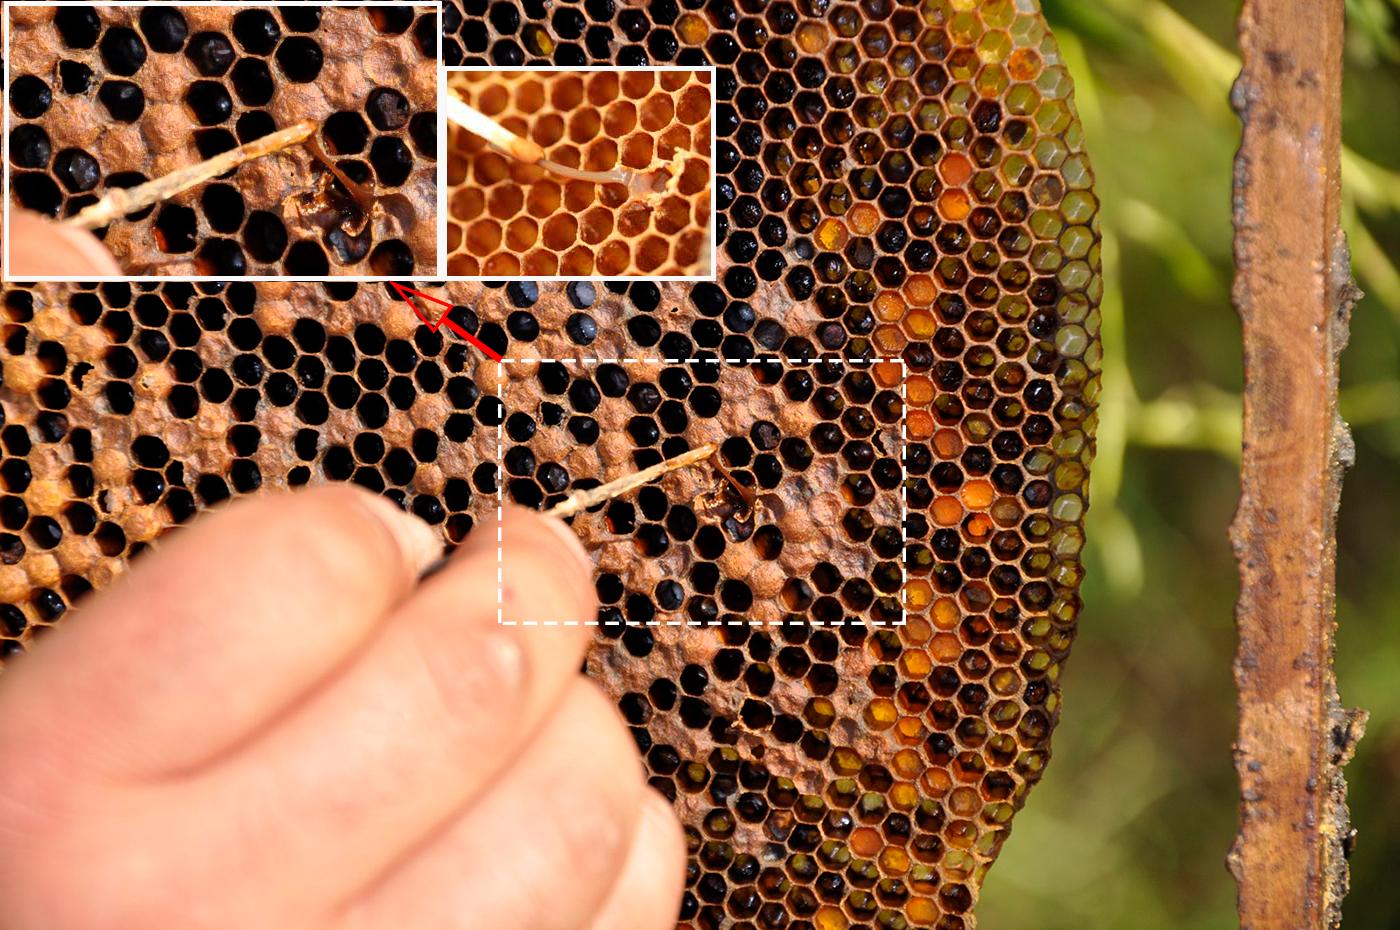 горбатый расплод у пчел фото мне